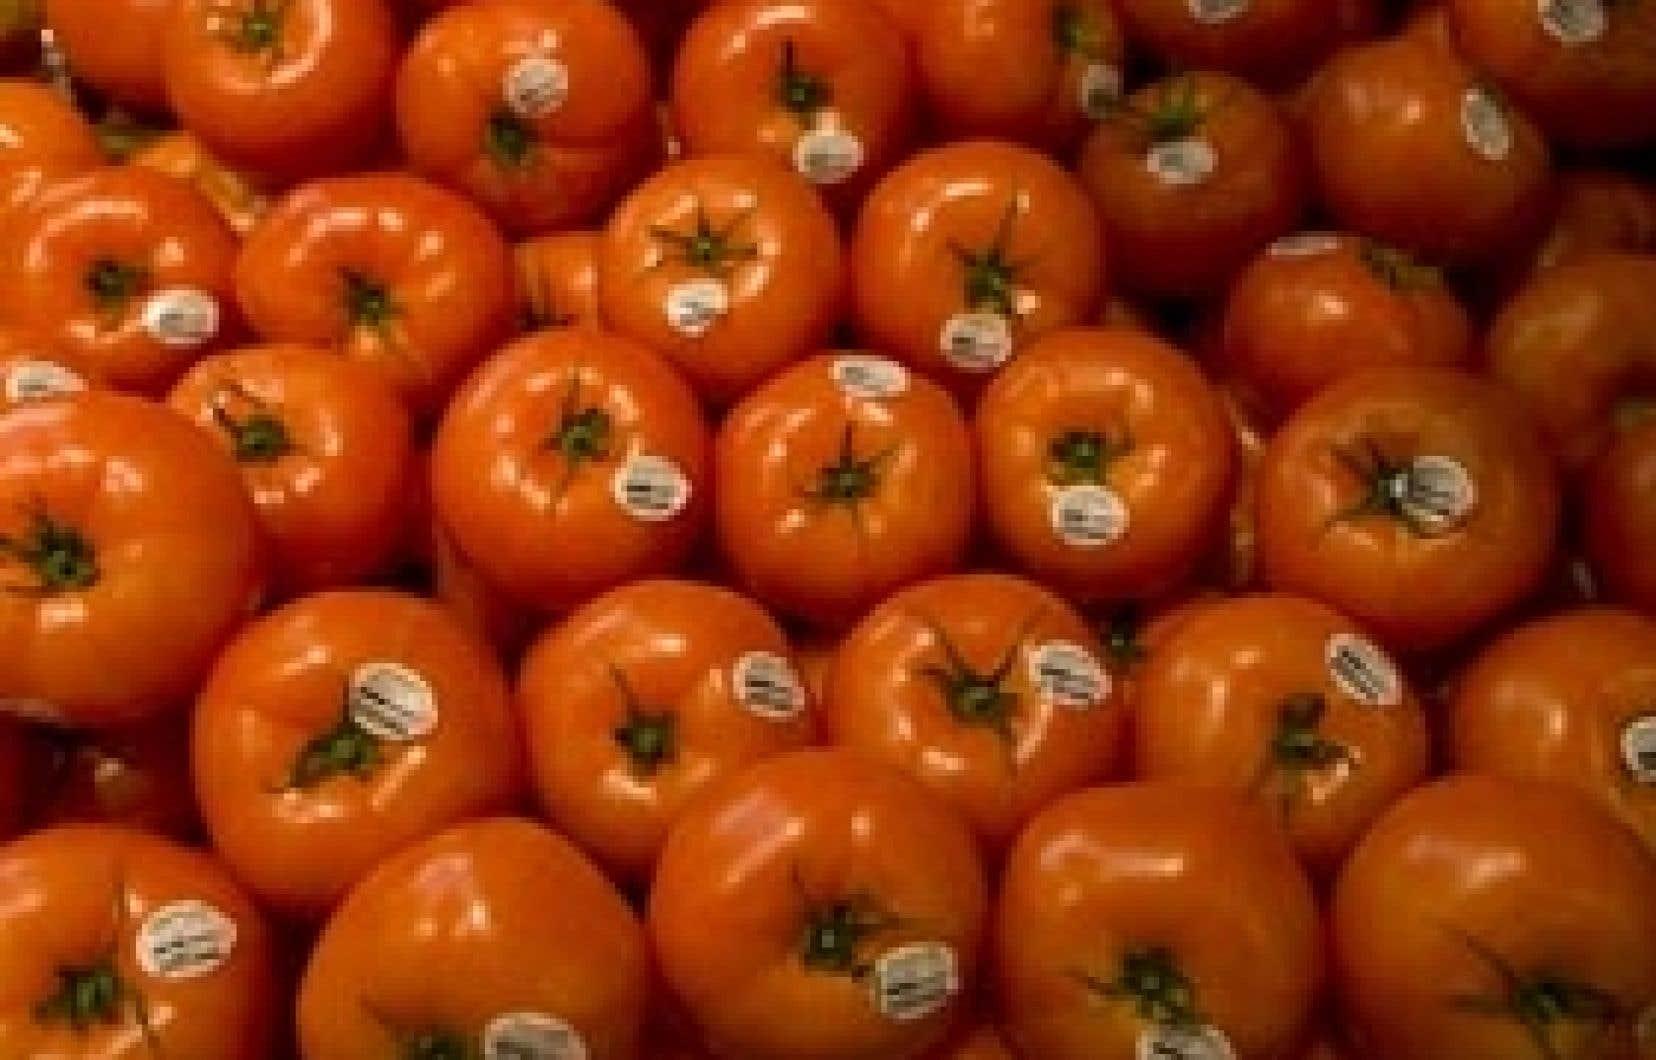 Actuellement, près de 6000 produits se présentent dans les épiceries comme étant des «Aliments du Québec», dont les tomates Savoura.